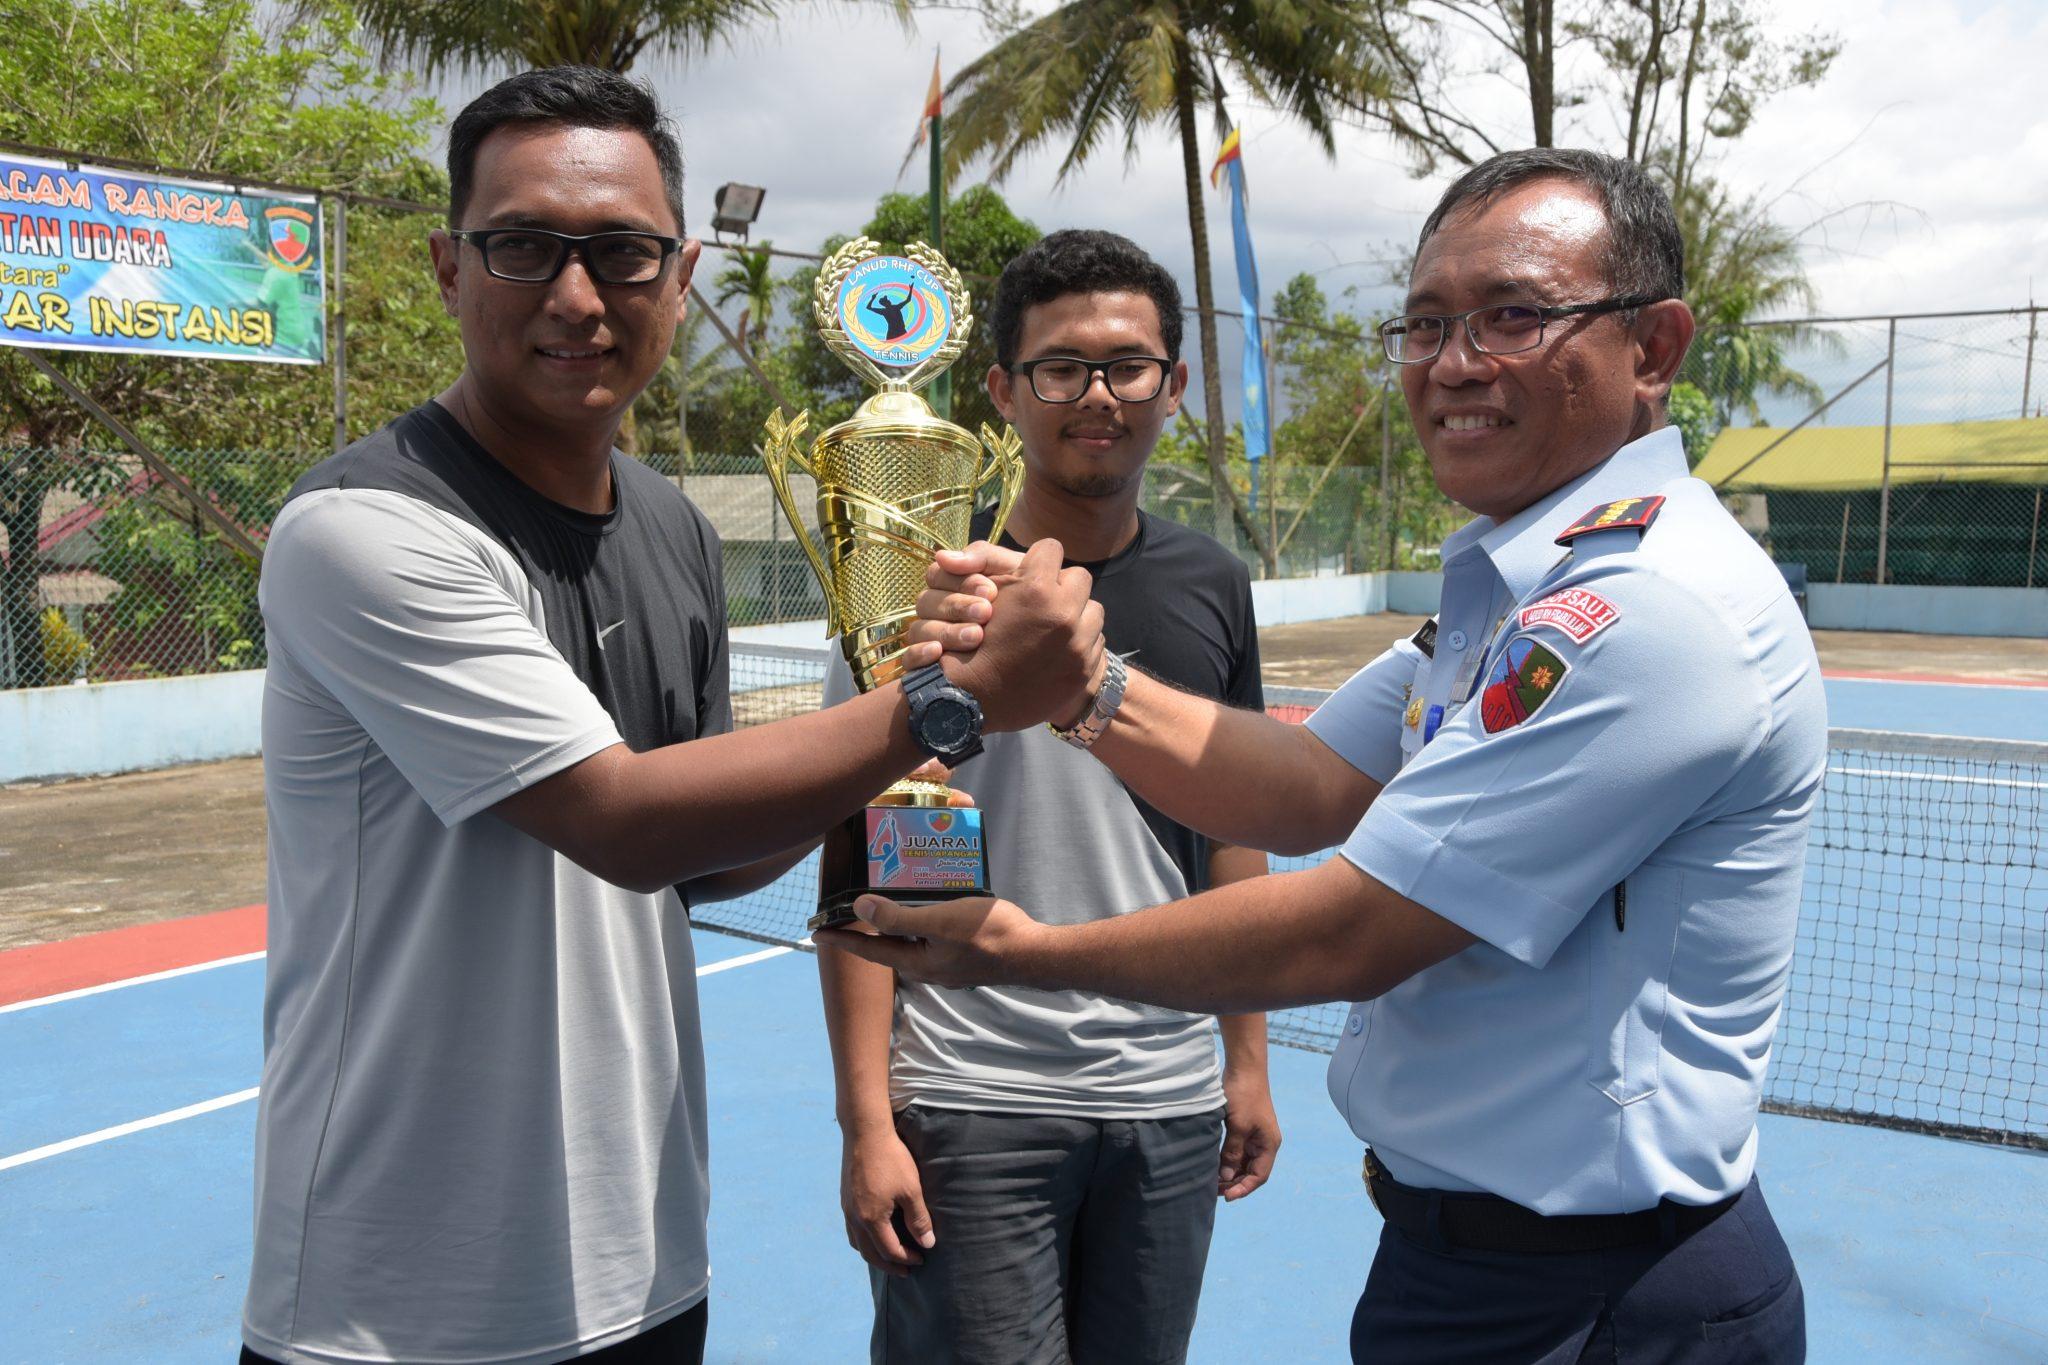 Dispora Kepri Juara I Final Pertandingan Tenis Danlanud Rhf Cup 2018